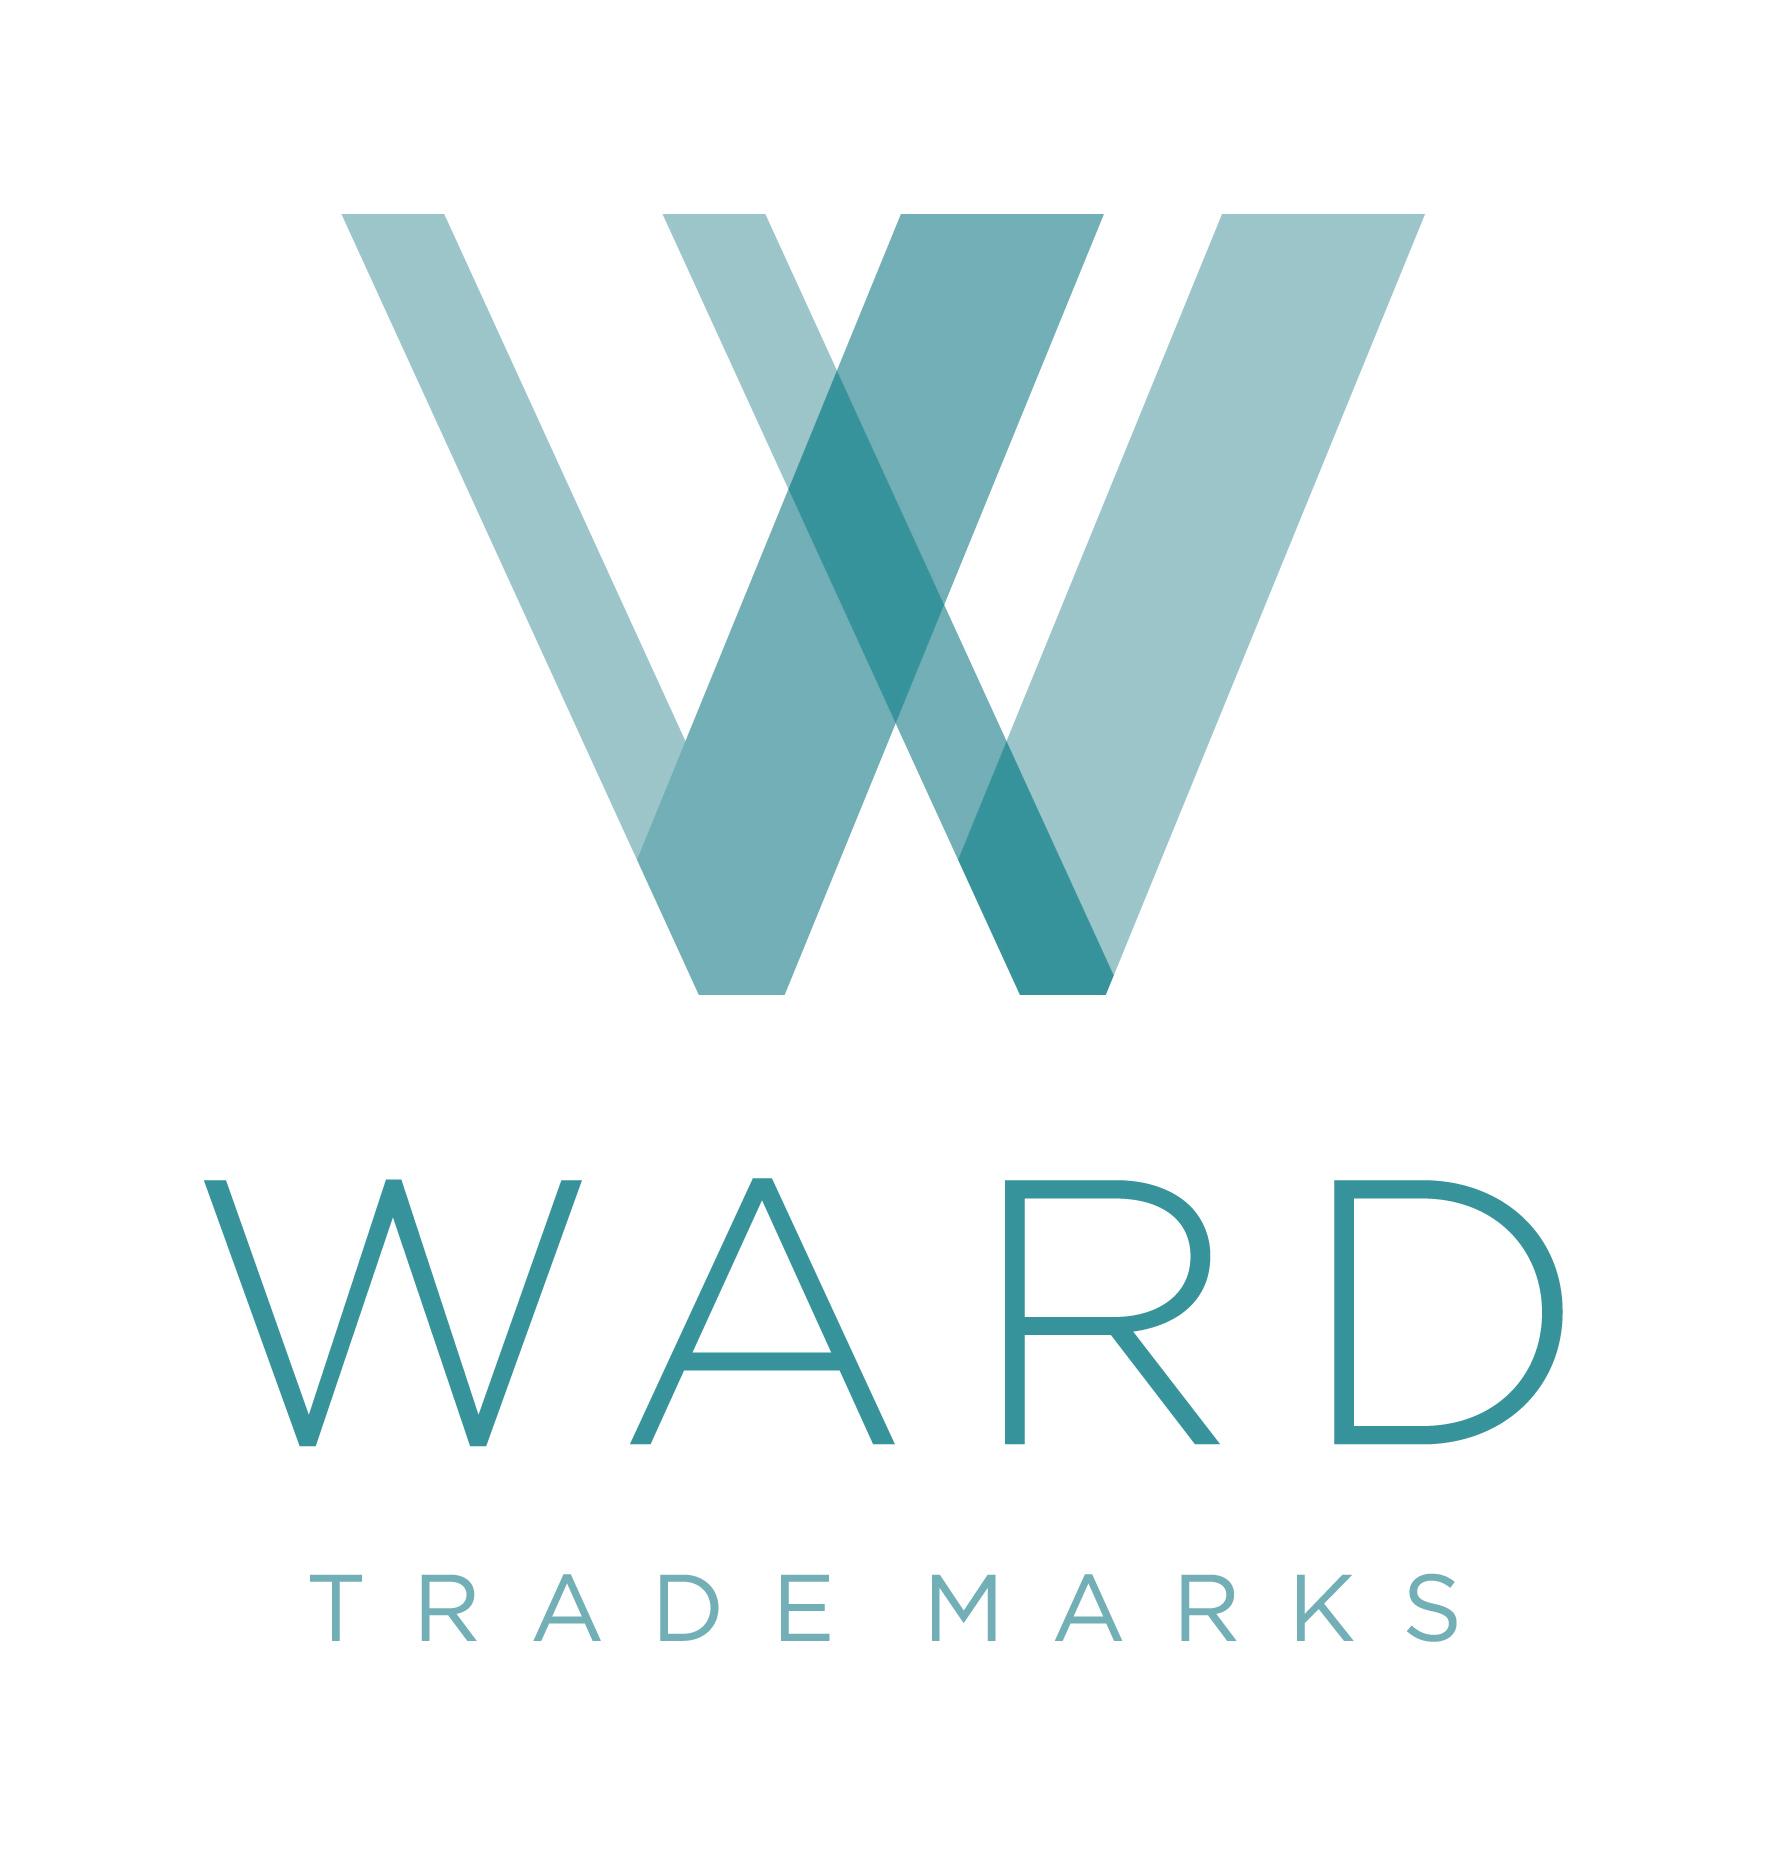 WARD Master Logo 2.jpg